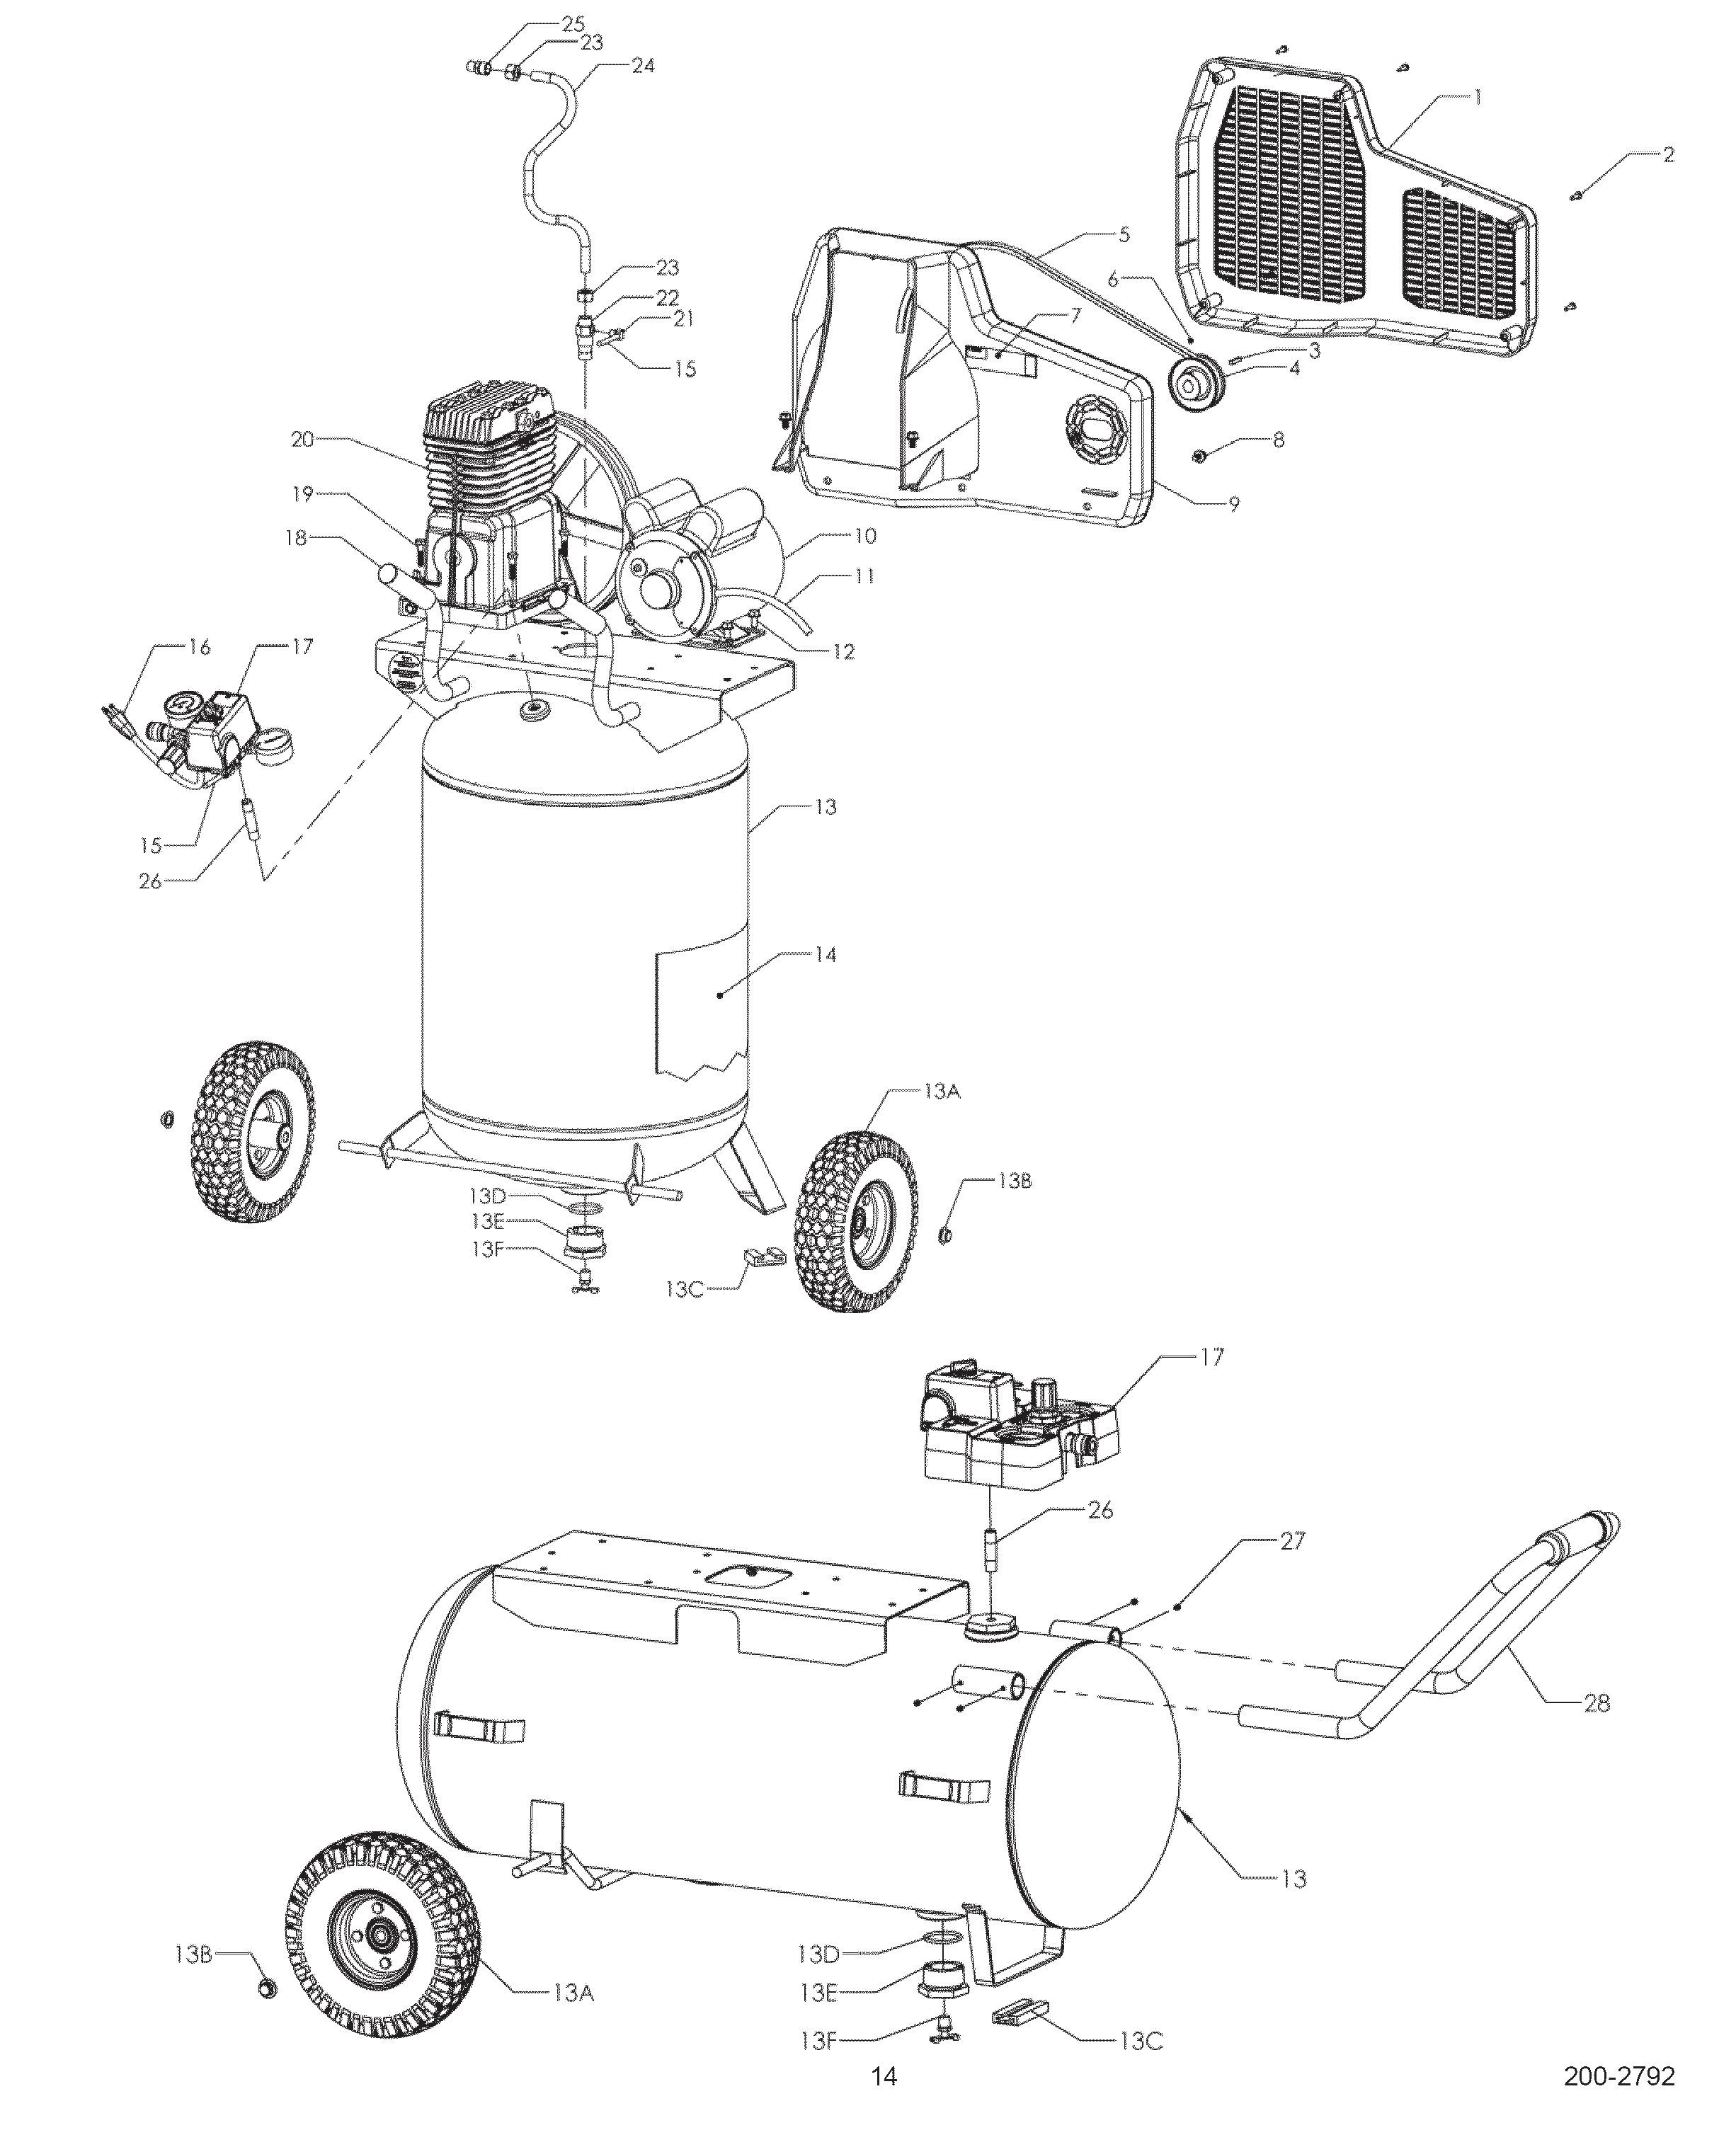 Craftsman Air Compressor Parts Diagram Sears Craftsman 921 Wpb Air Pressor Parts Of Craftsman Air Compressor Parts Diagram